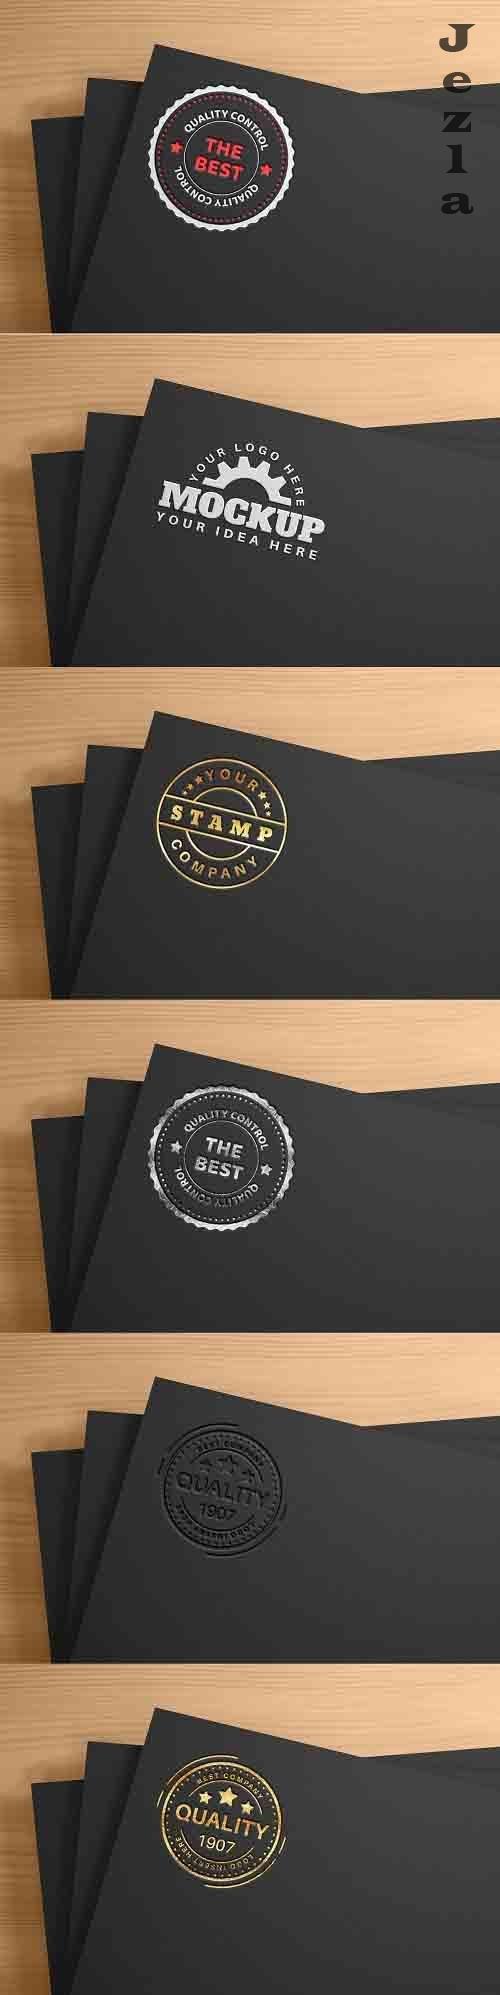 White logo on black paper - mockup - 6144500